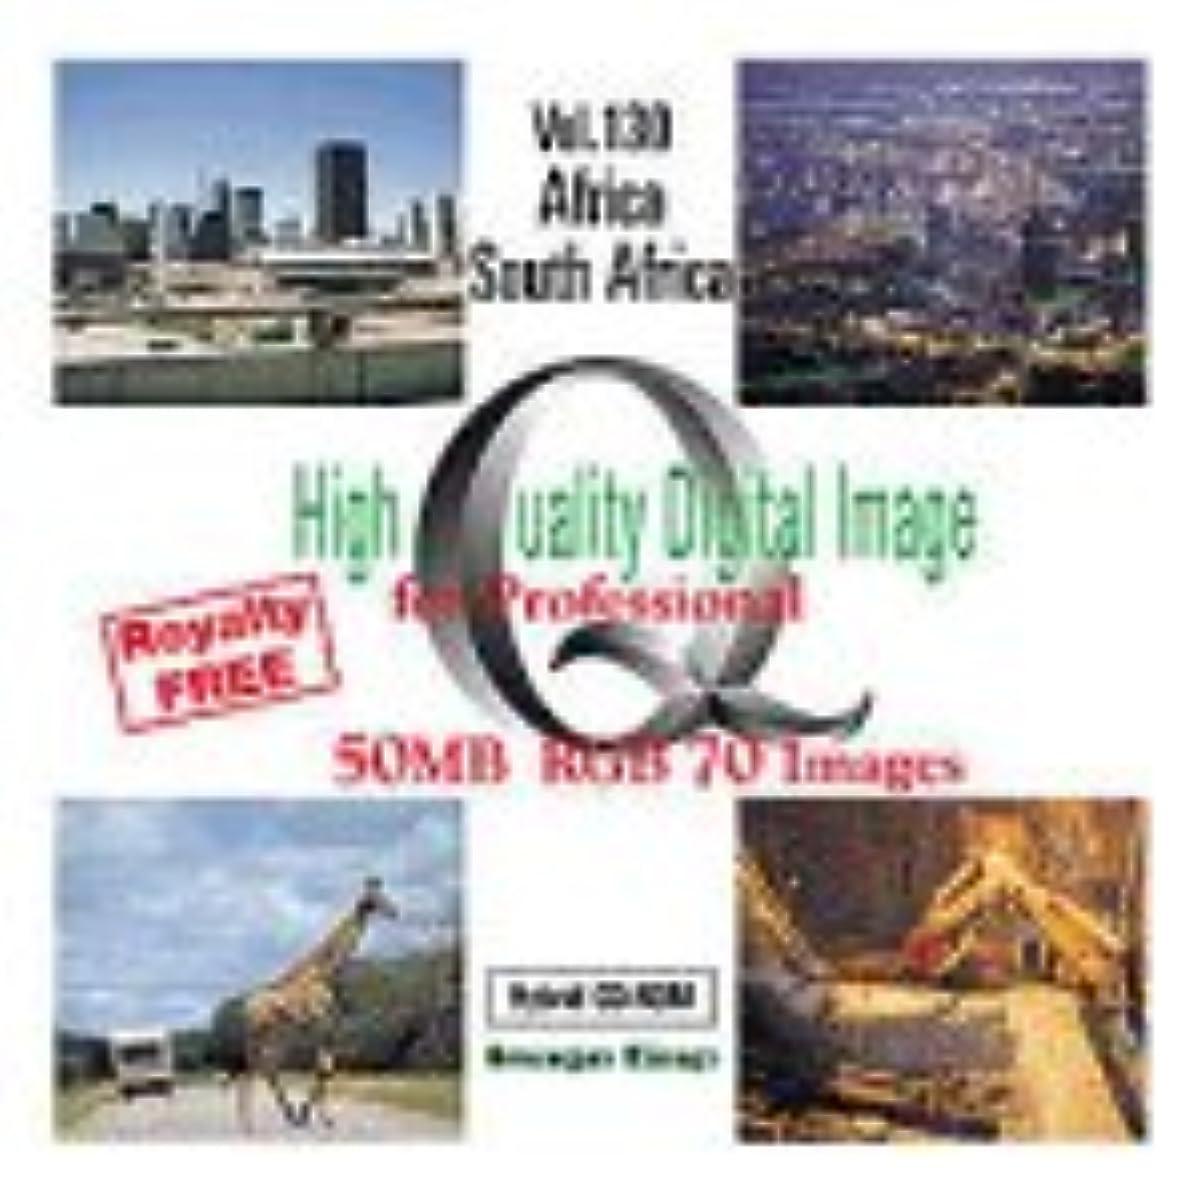 例短命音楽を聴くHigh Quality Digital Image Africa / South Africa